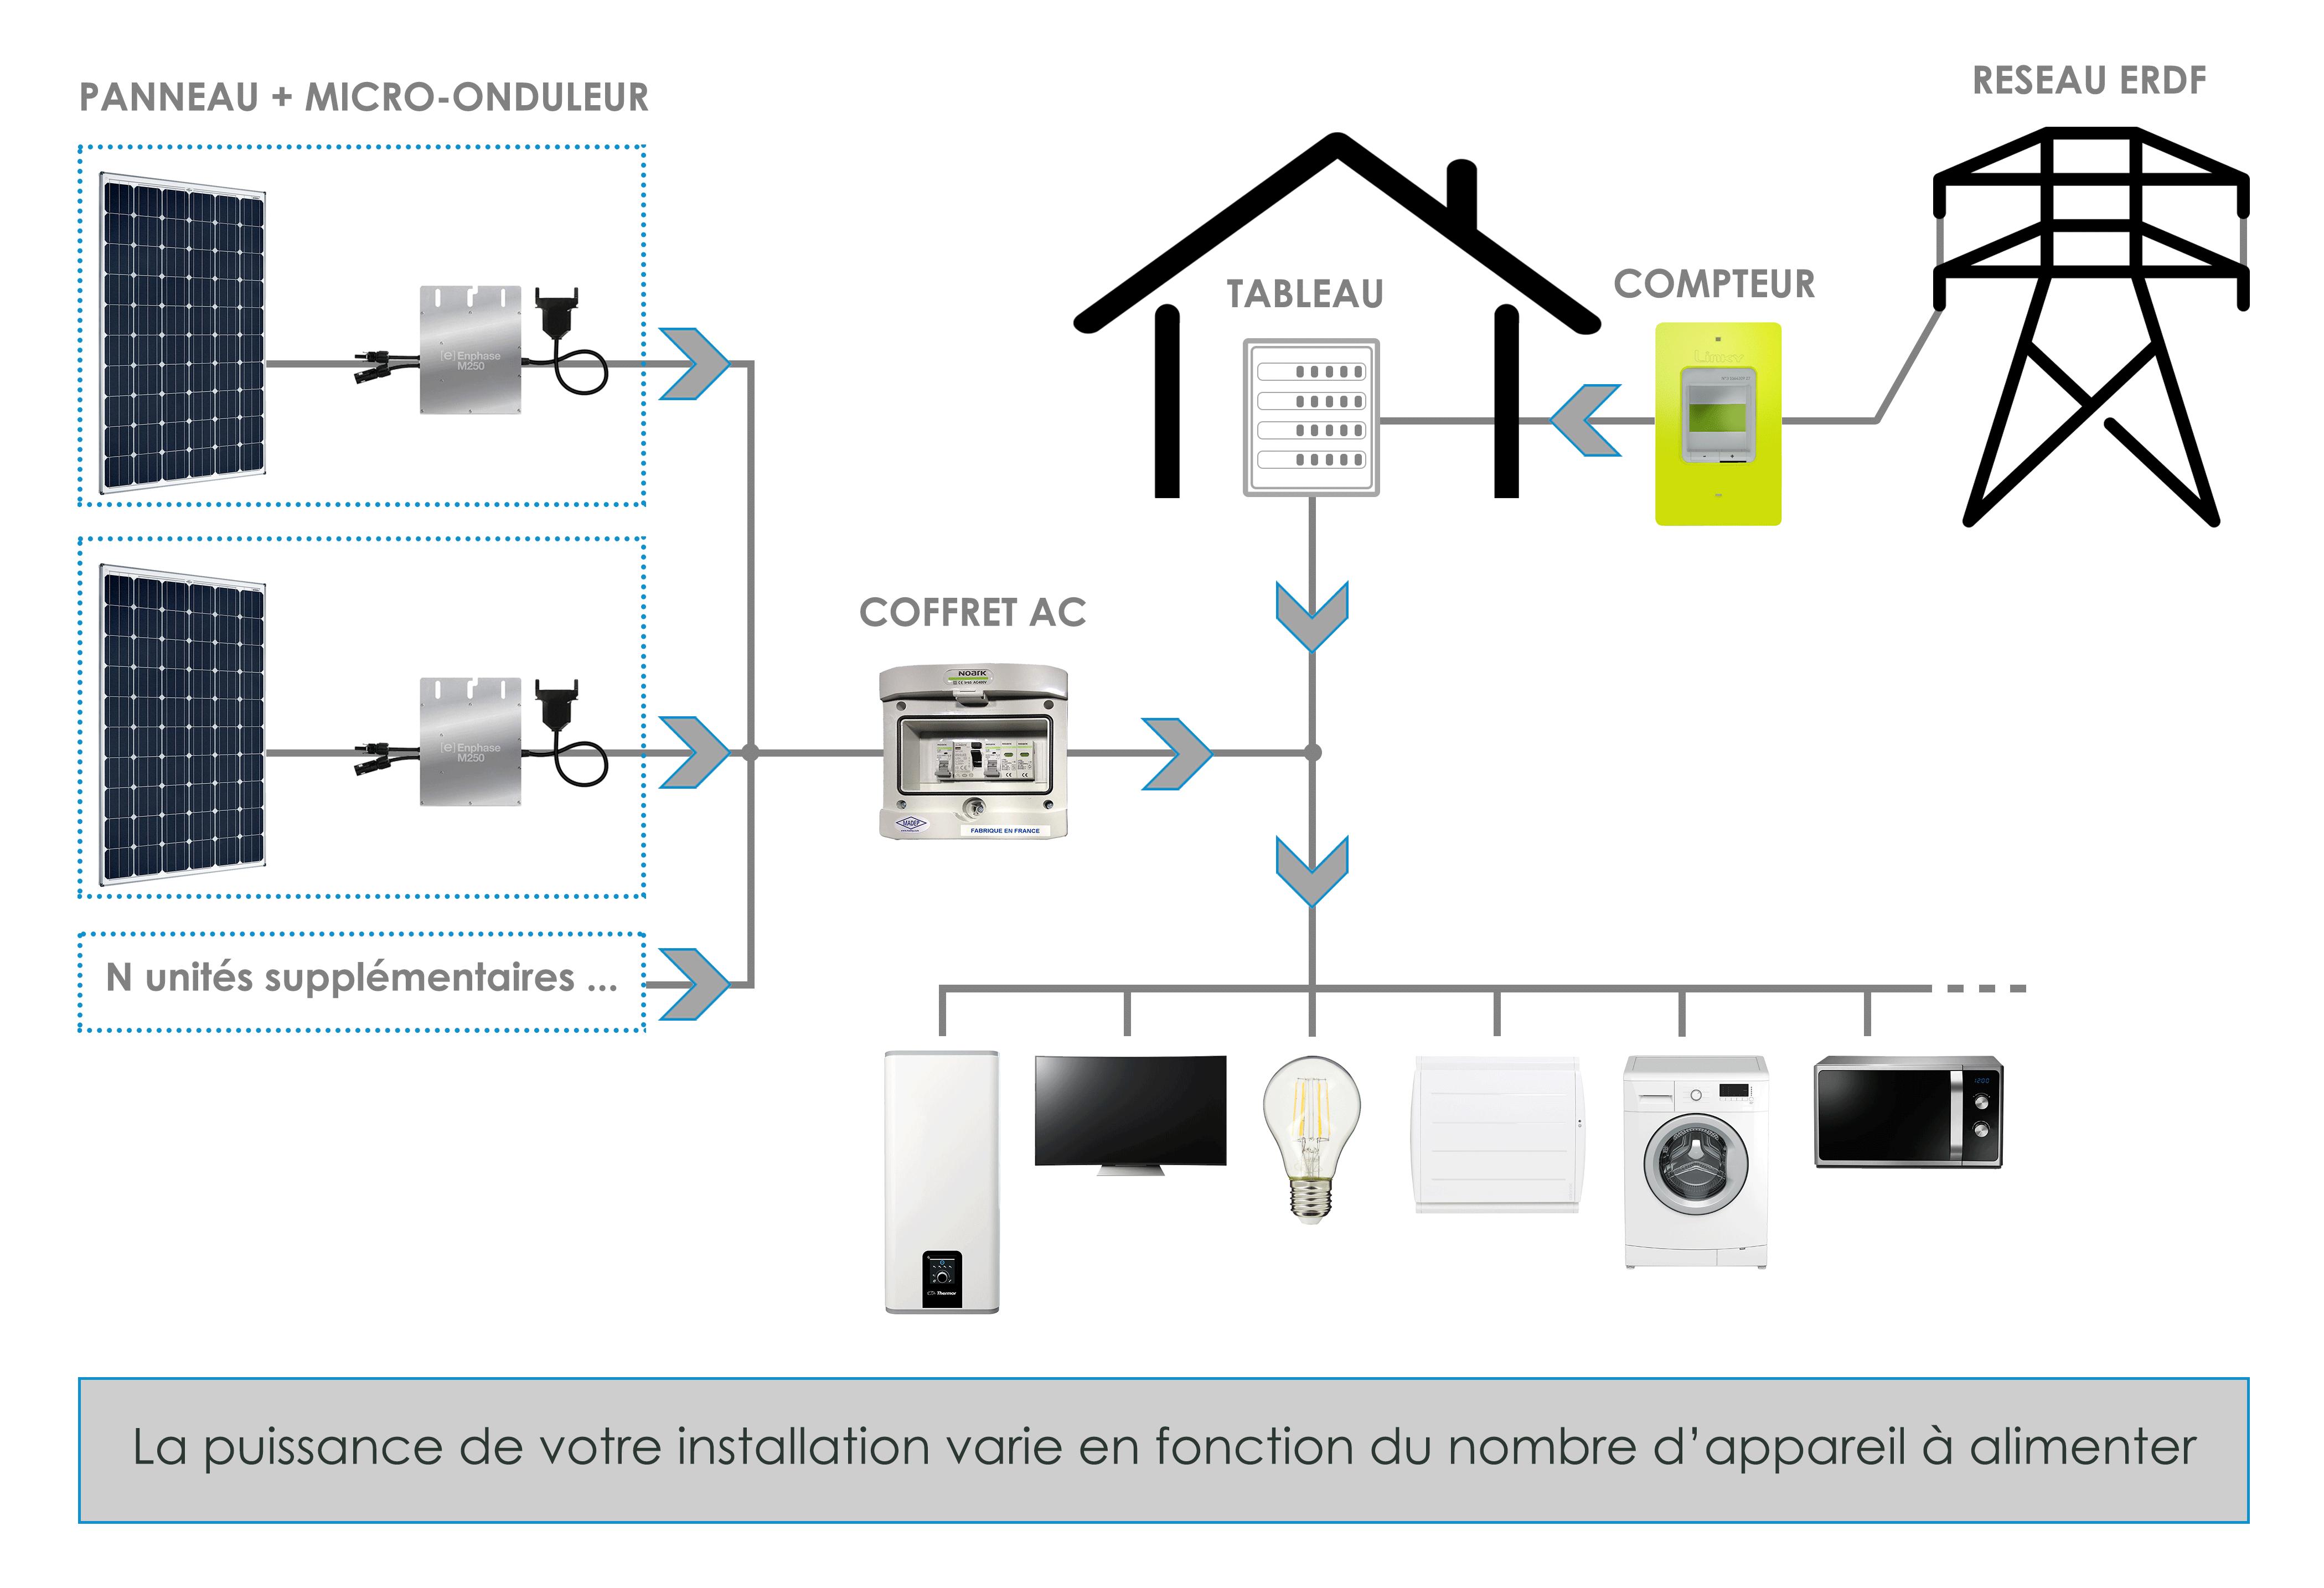 Schéma électrique autoconsommation